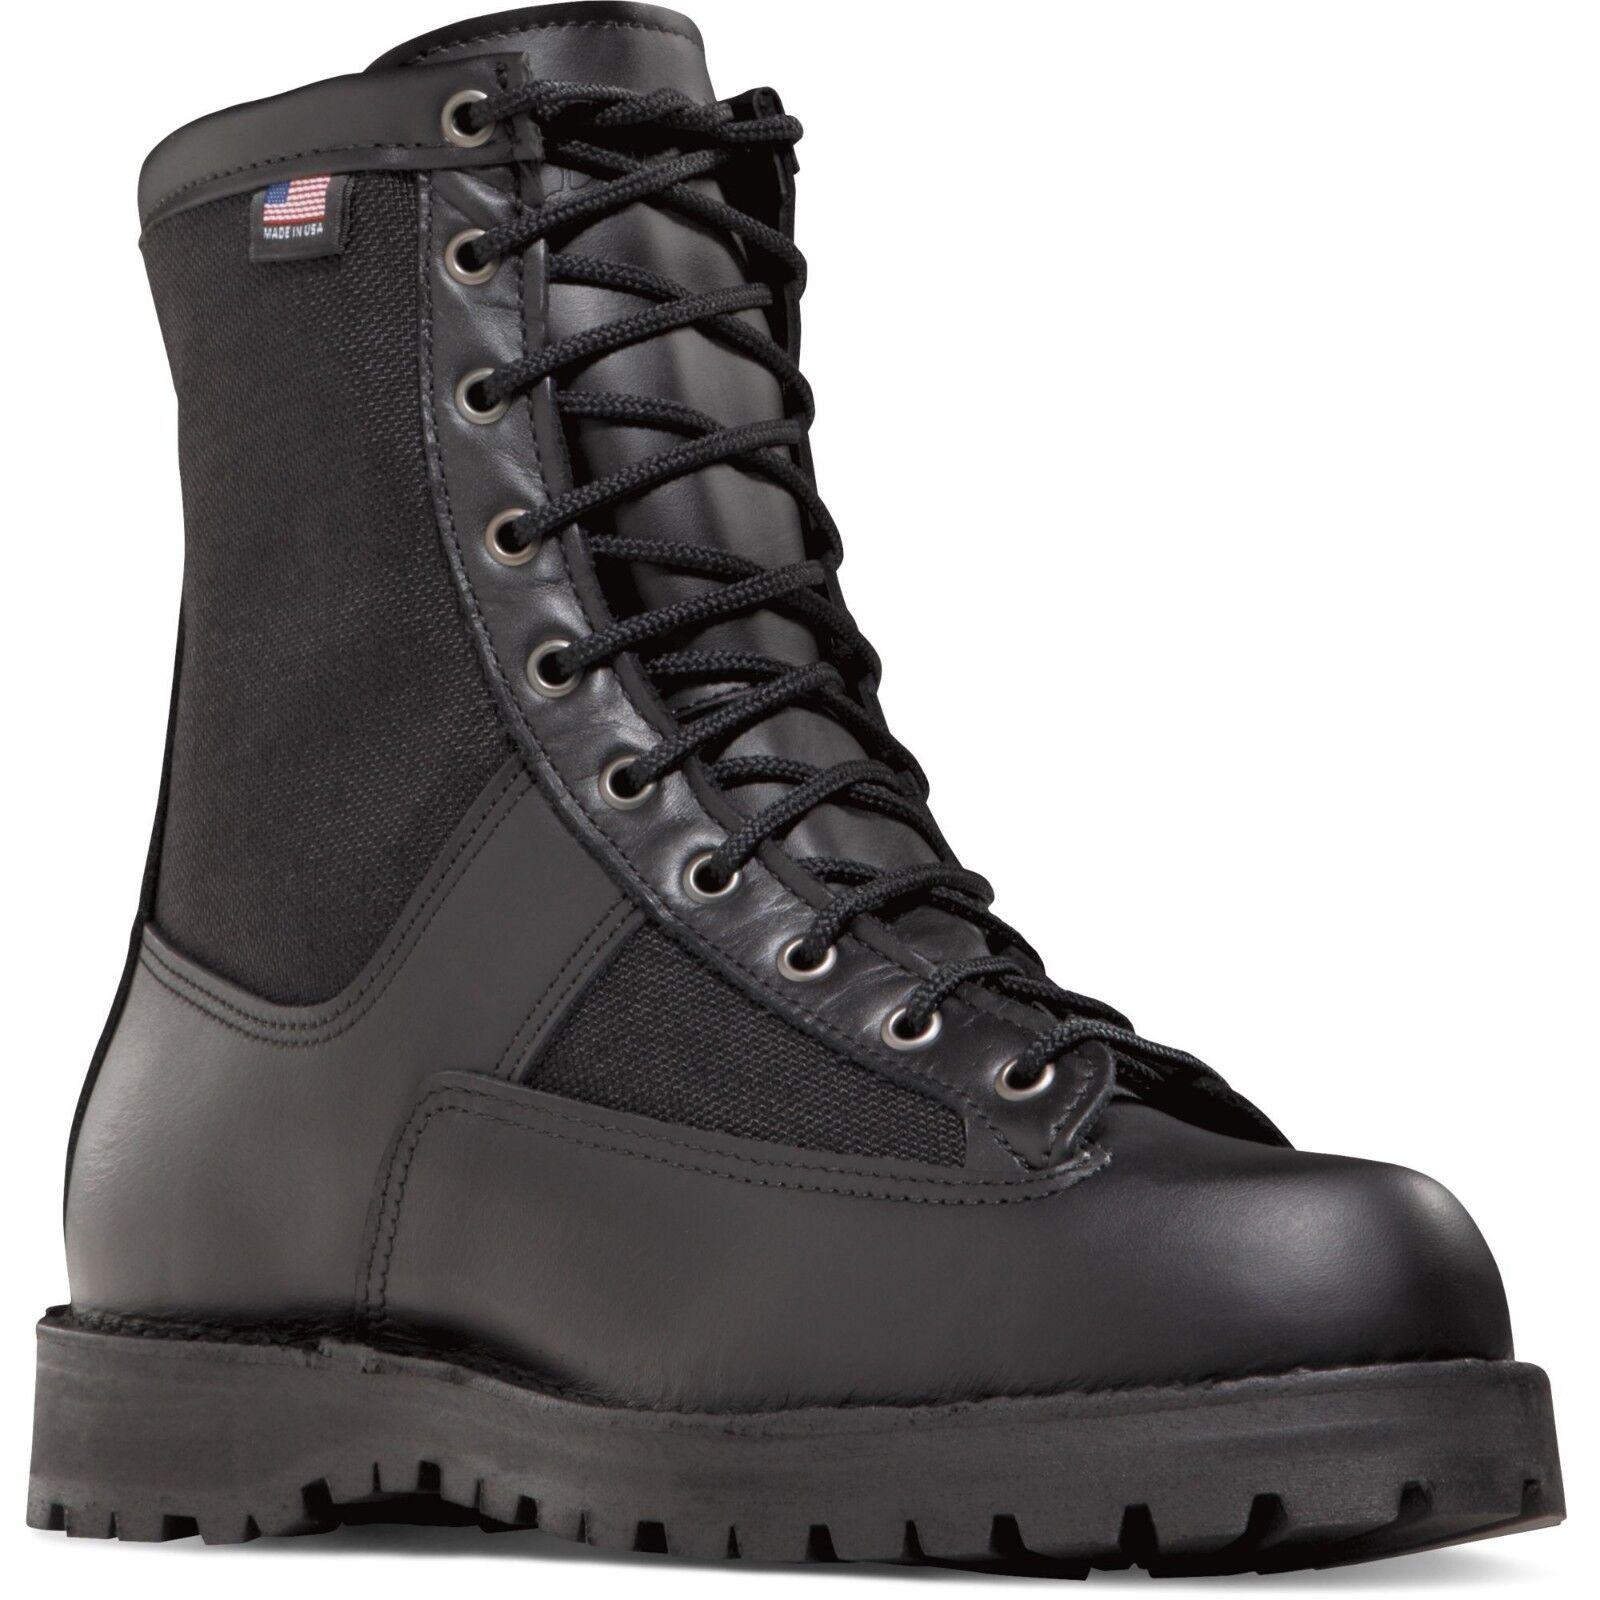 Danner Men's 21210 Acadia 8  Black Duty GTX Law Enforcement Tactical shoes Boots